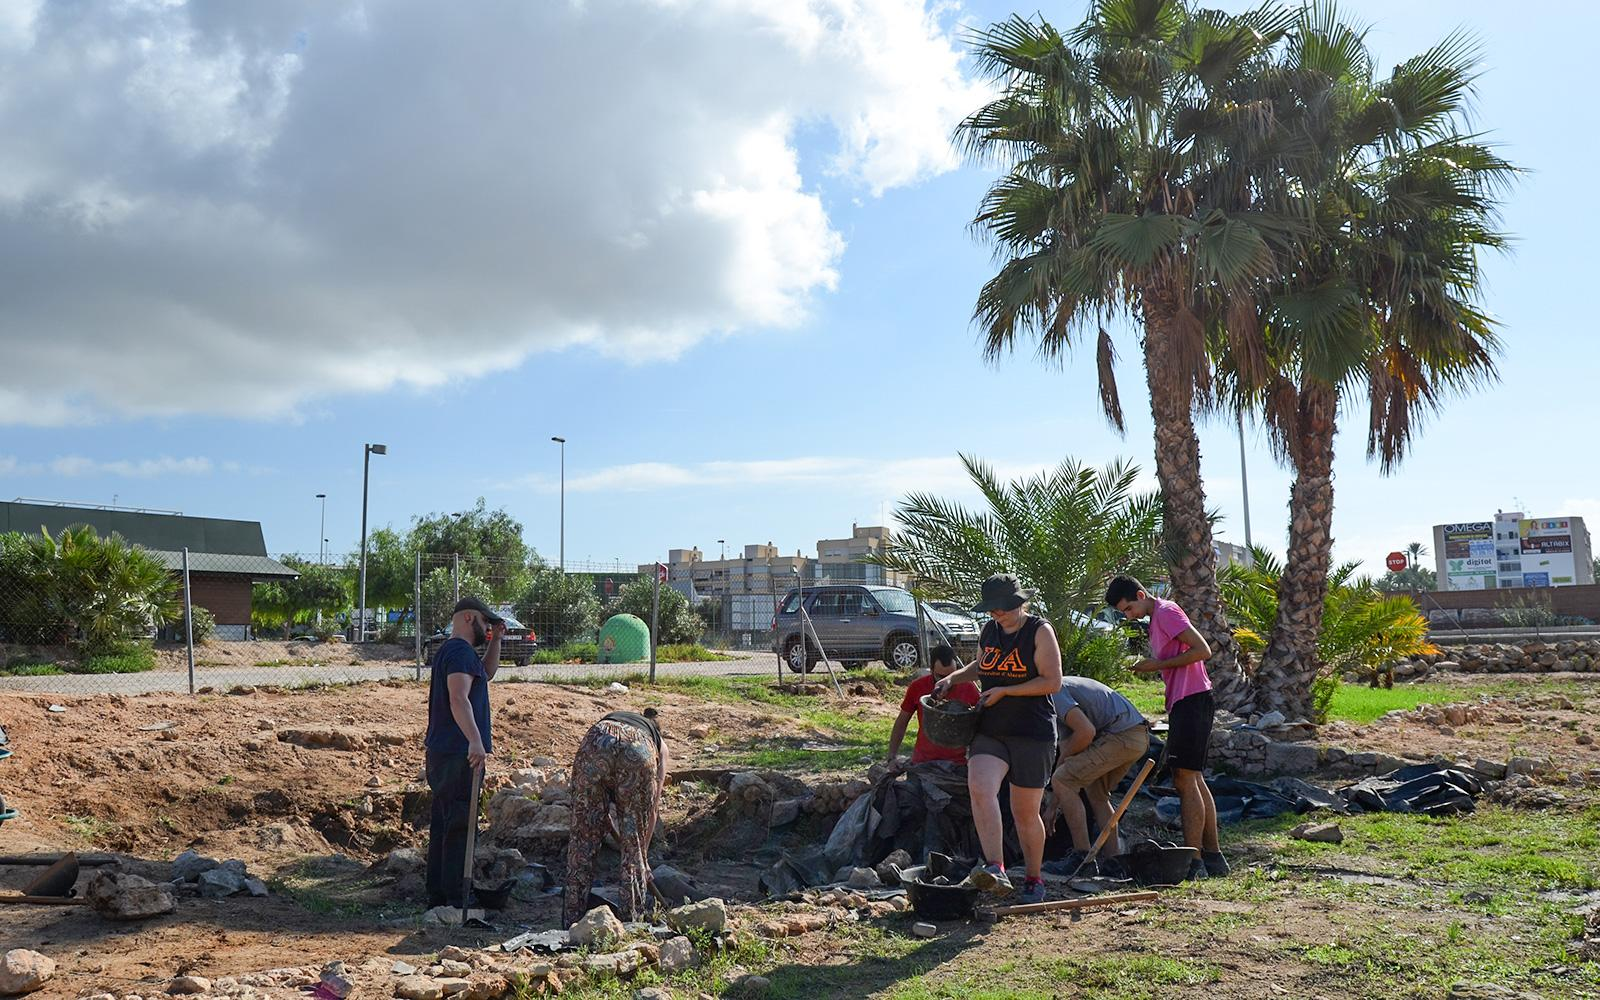 El 6 de novembre es passarà el georradar pel Portus Ilicitanus, en l'àrea arqueològica de La Picola i zones limítrofes